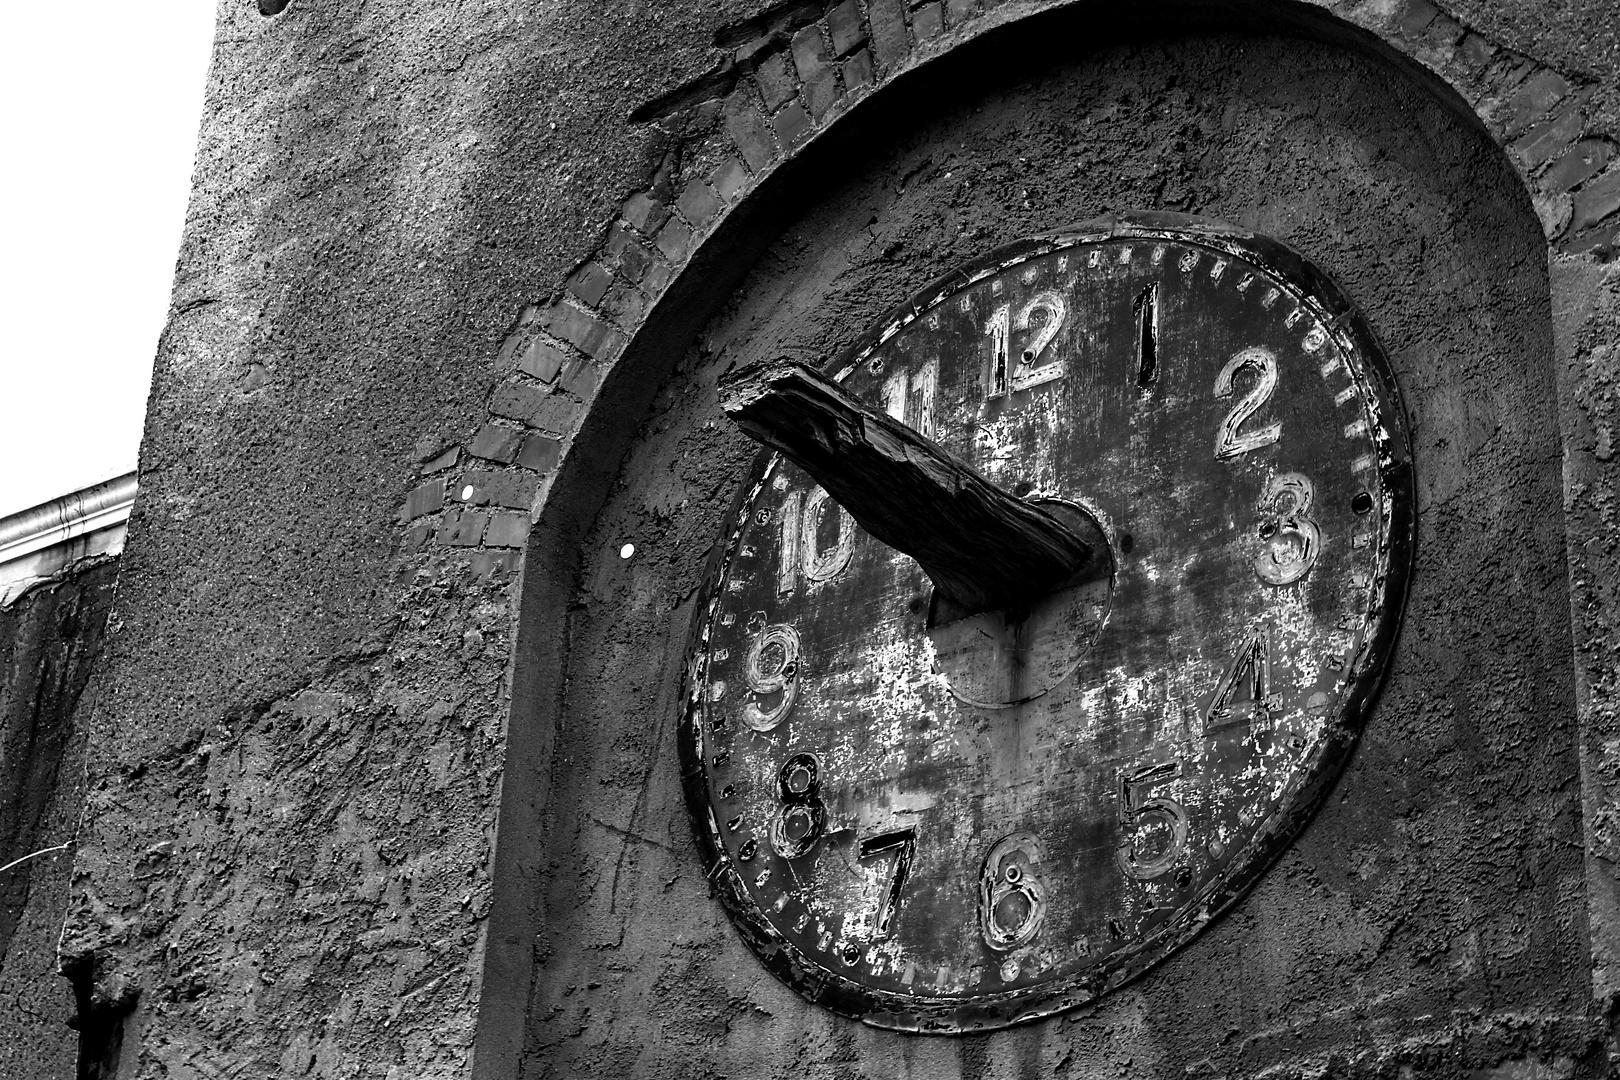 Zeit ist das, was man an der Uhr abliest. (Albert Einstein)